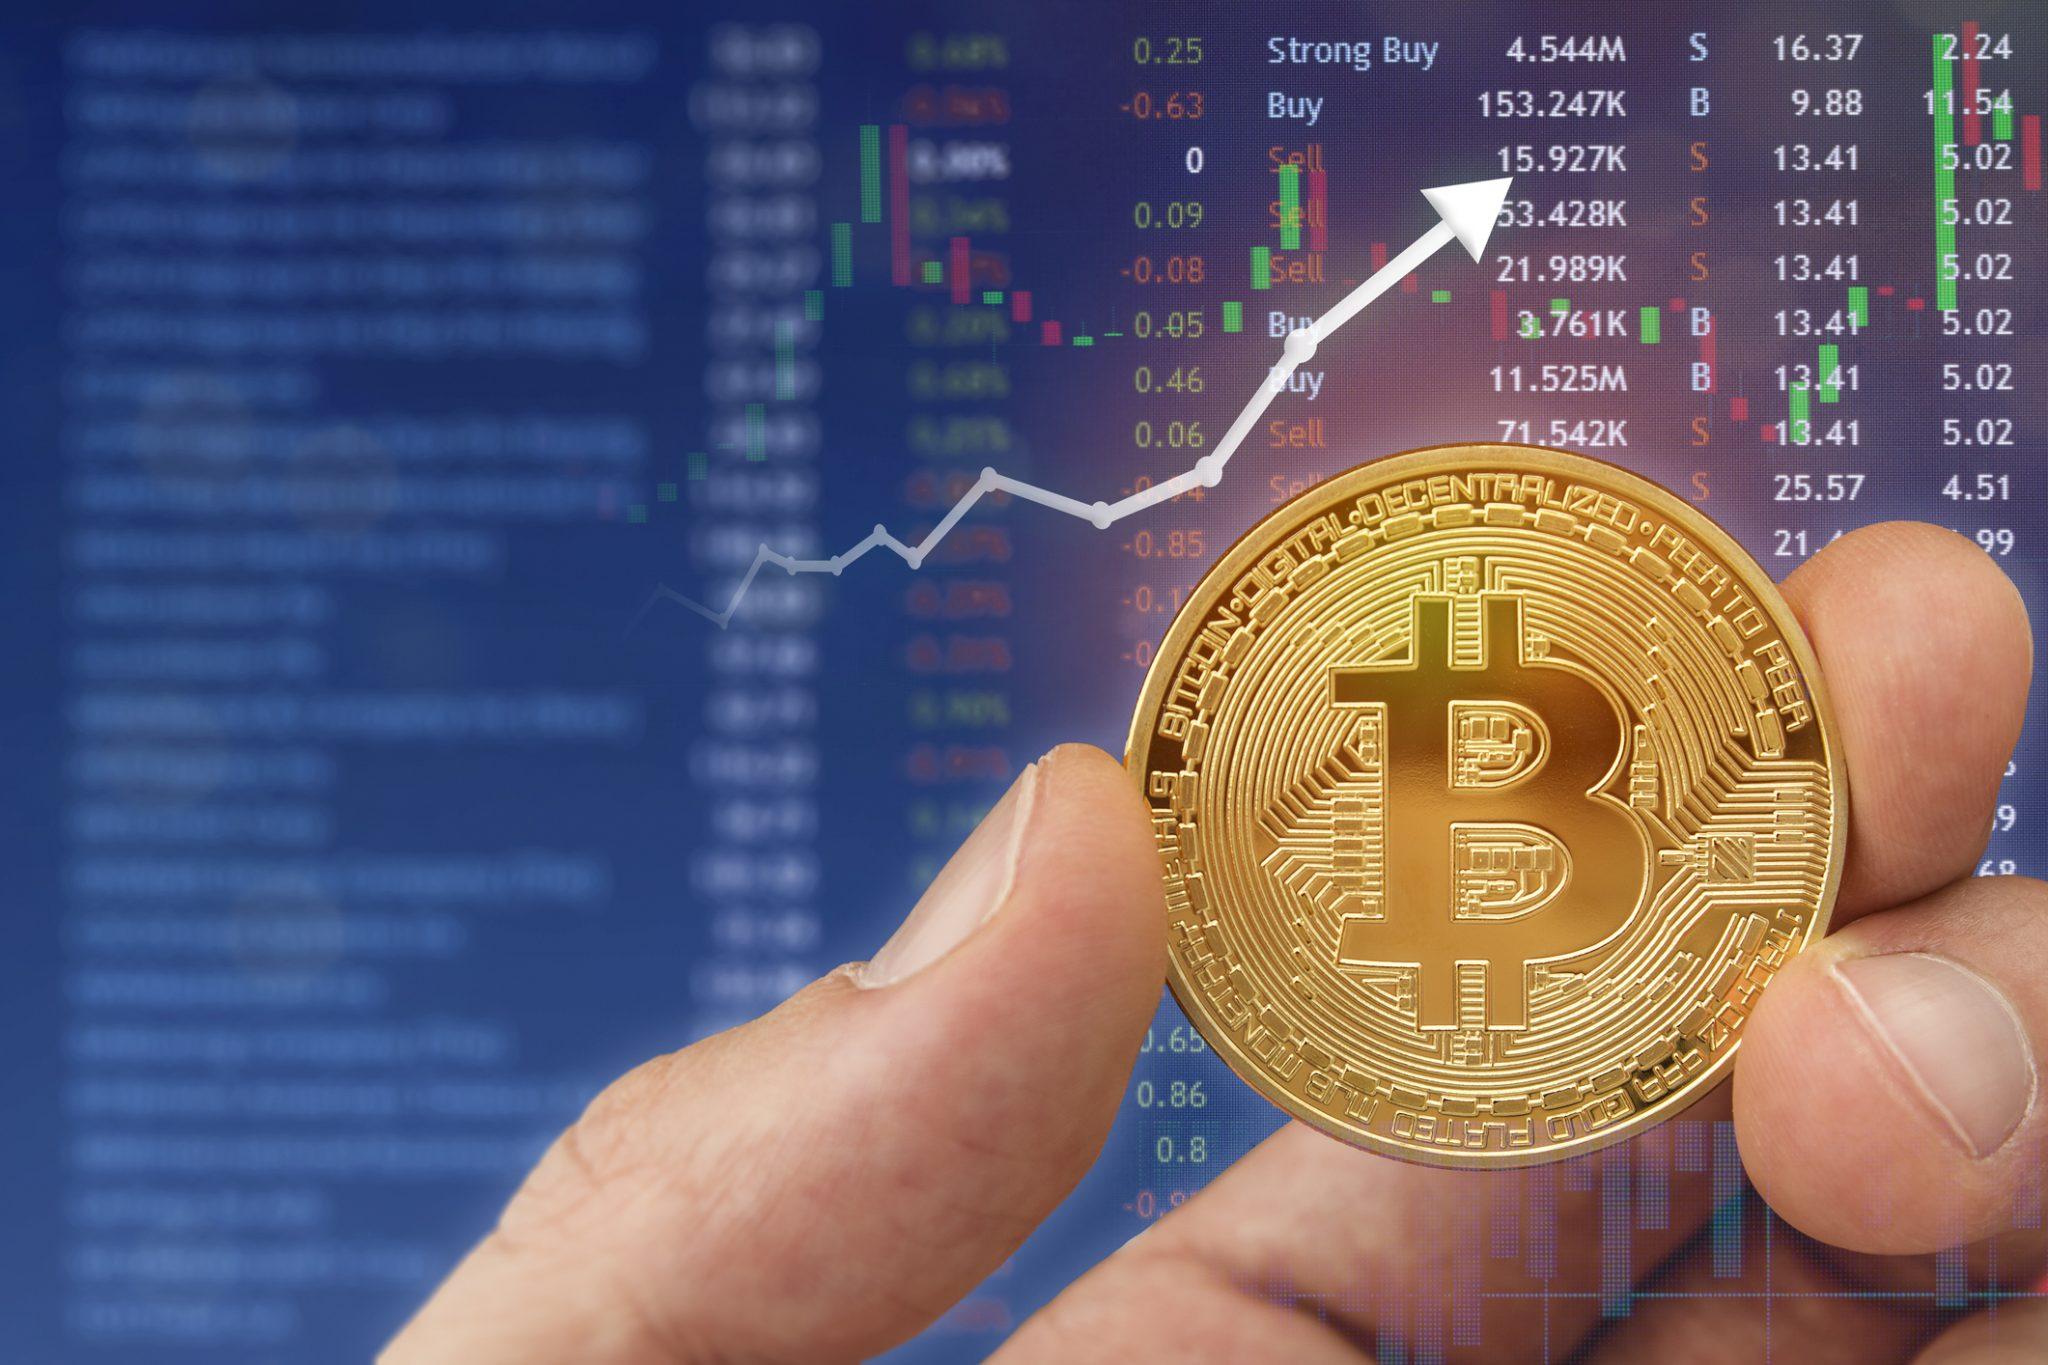 Bitcoin Boğaları Isınıyor İşte BTC'nin 230 Ralli Yaşayacağını Gösteren İşaretler